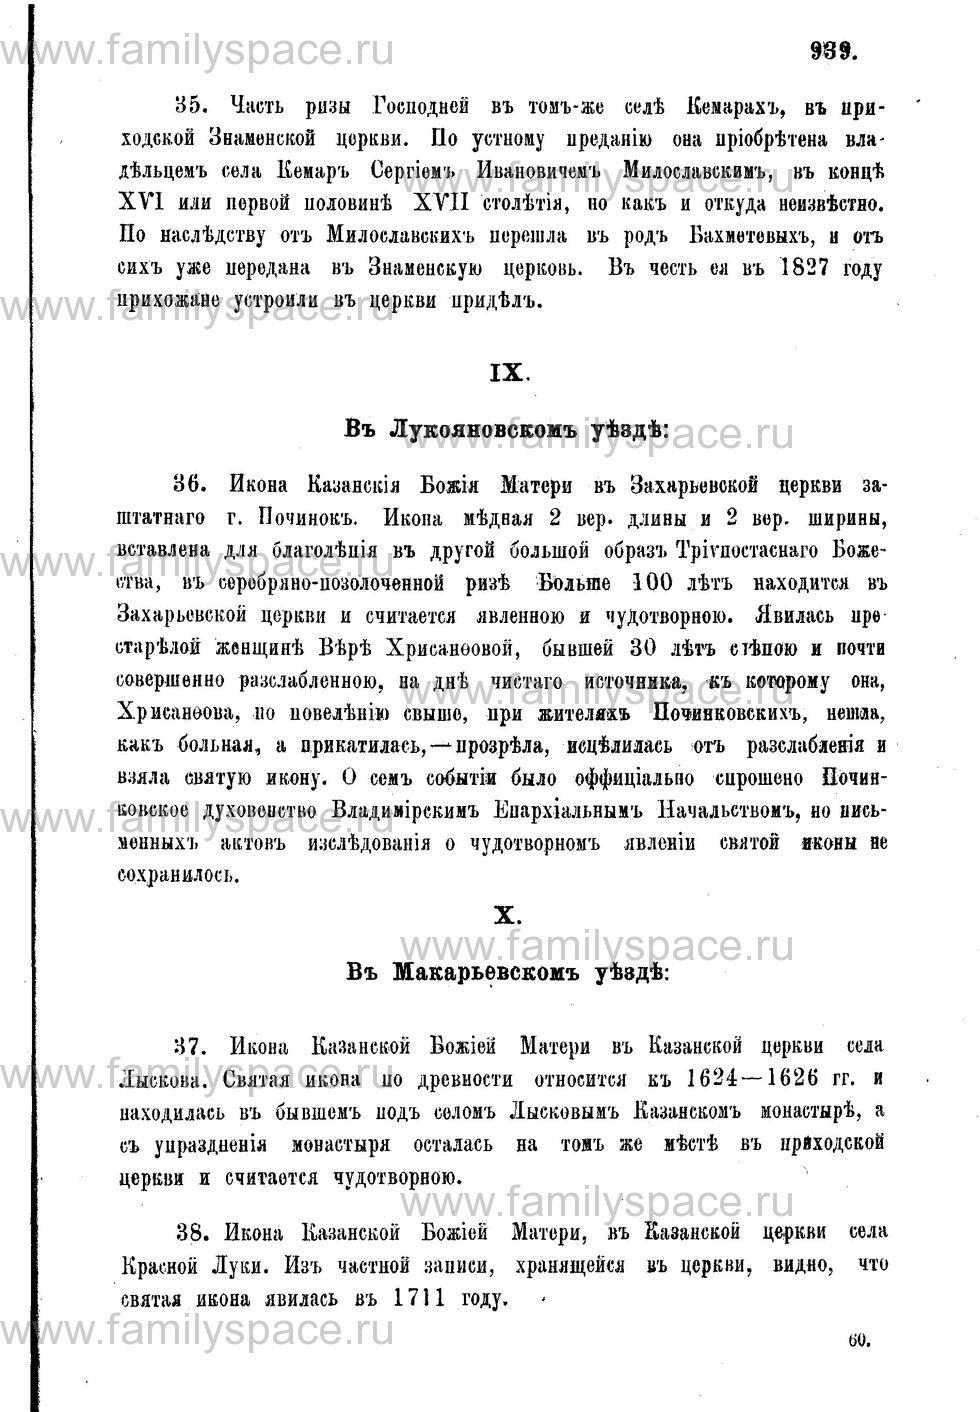 Поиск по фамилии - Адрес-календарь Нижегородской епархии на 1888 год, страница 1939